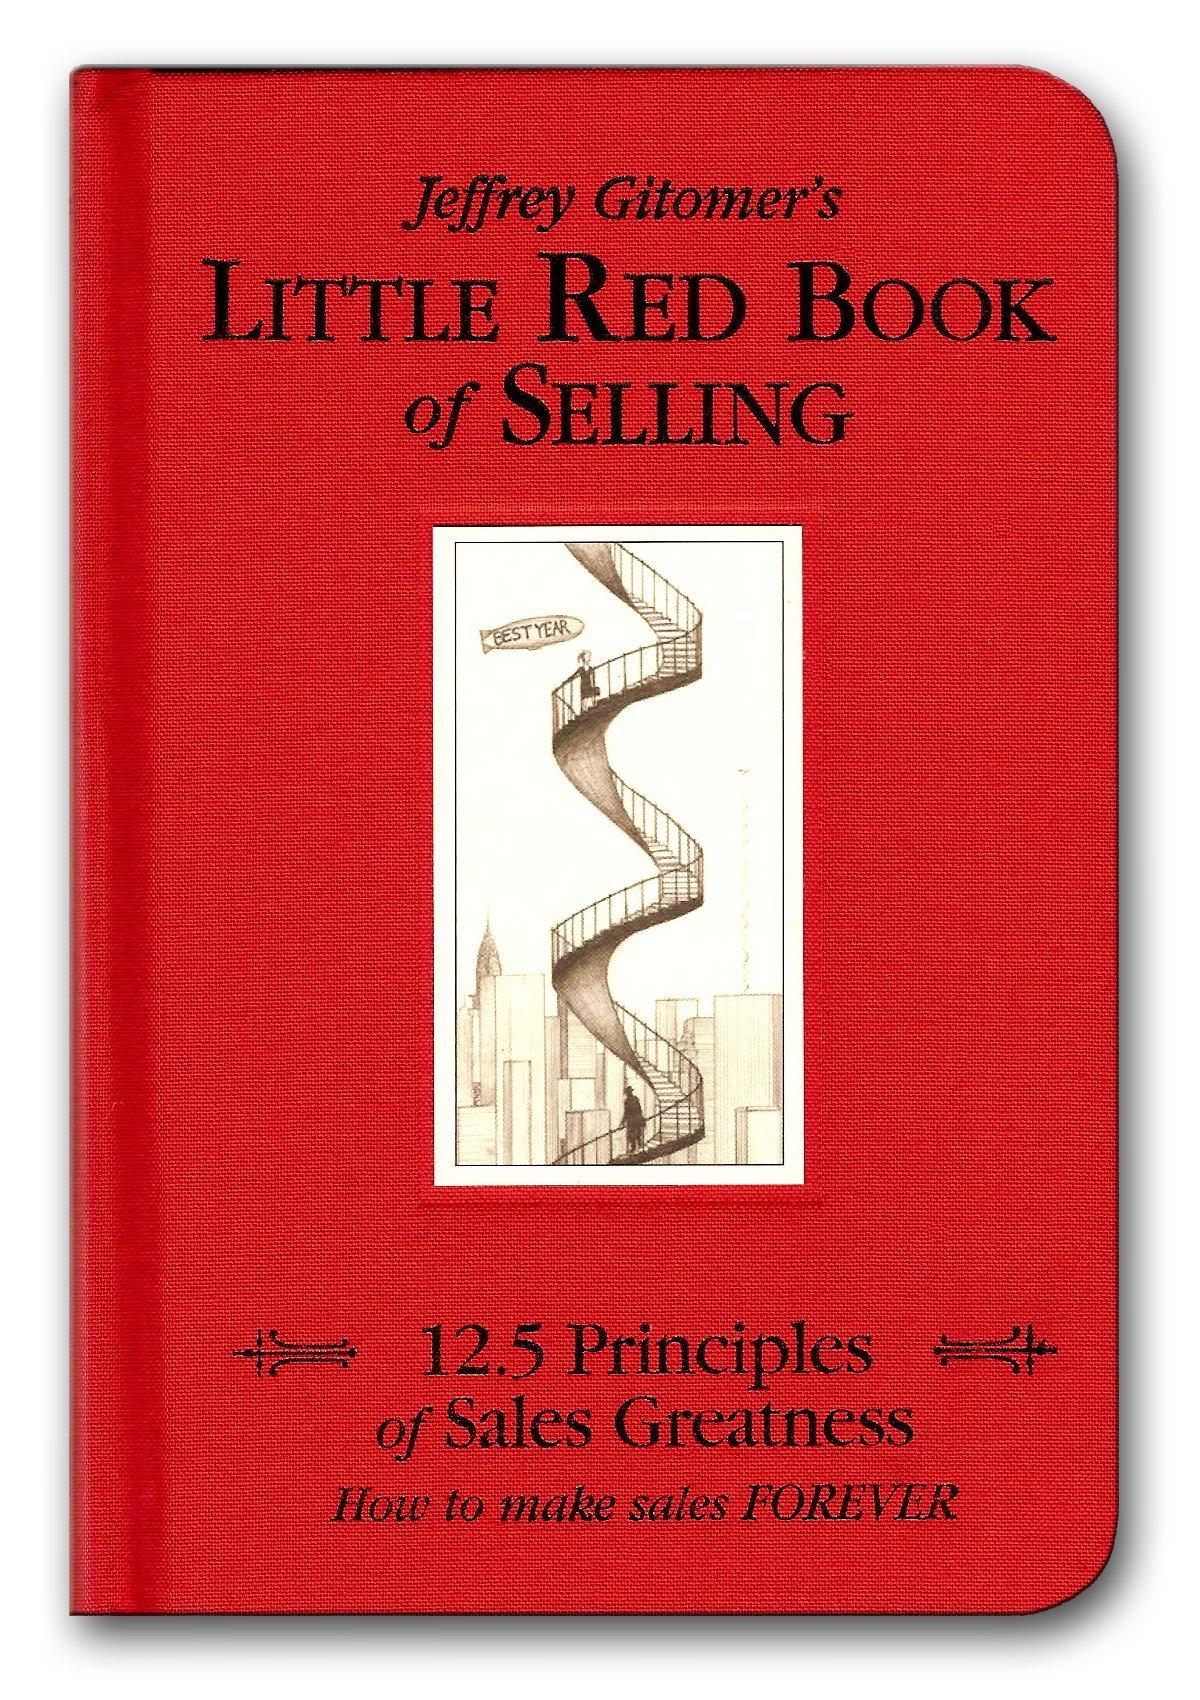 LittleRedBook